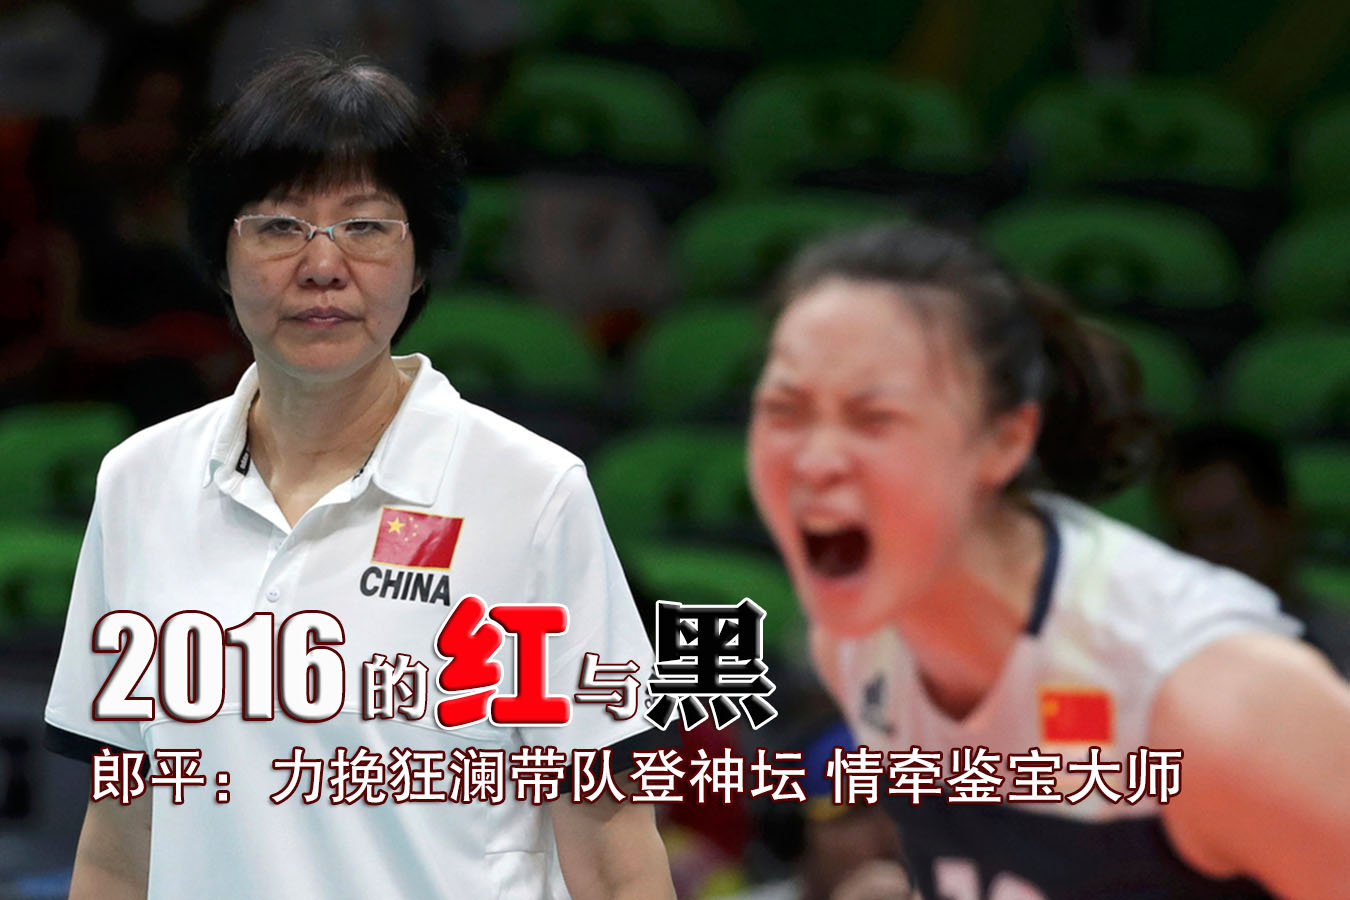 郎平的2016:带队夺冠登神坛 情牵鉴宝大师